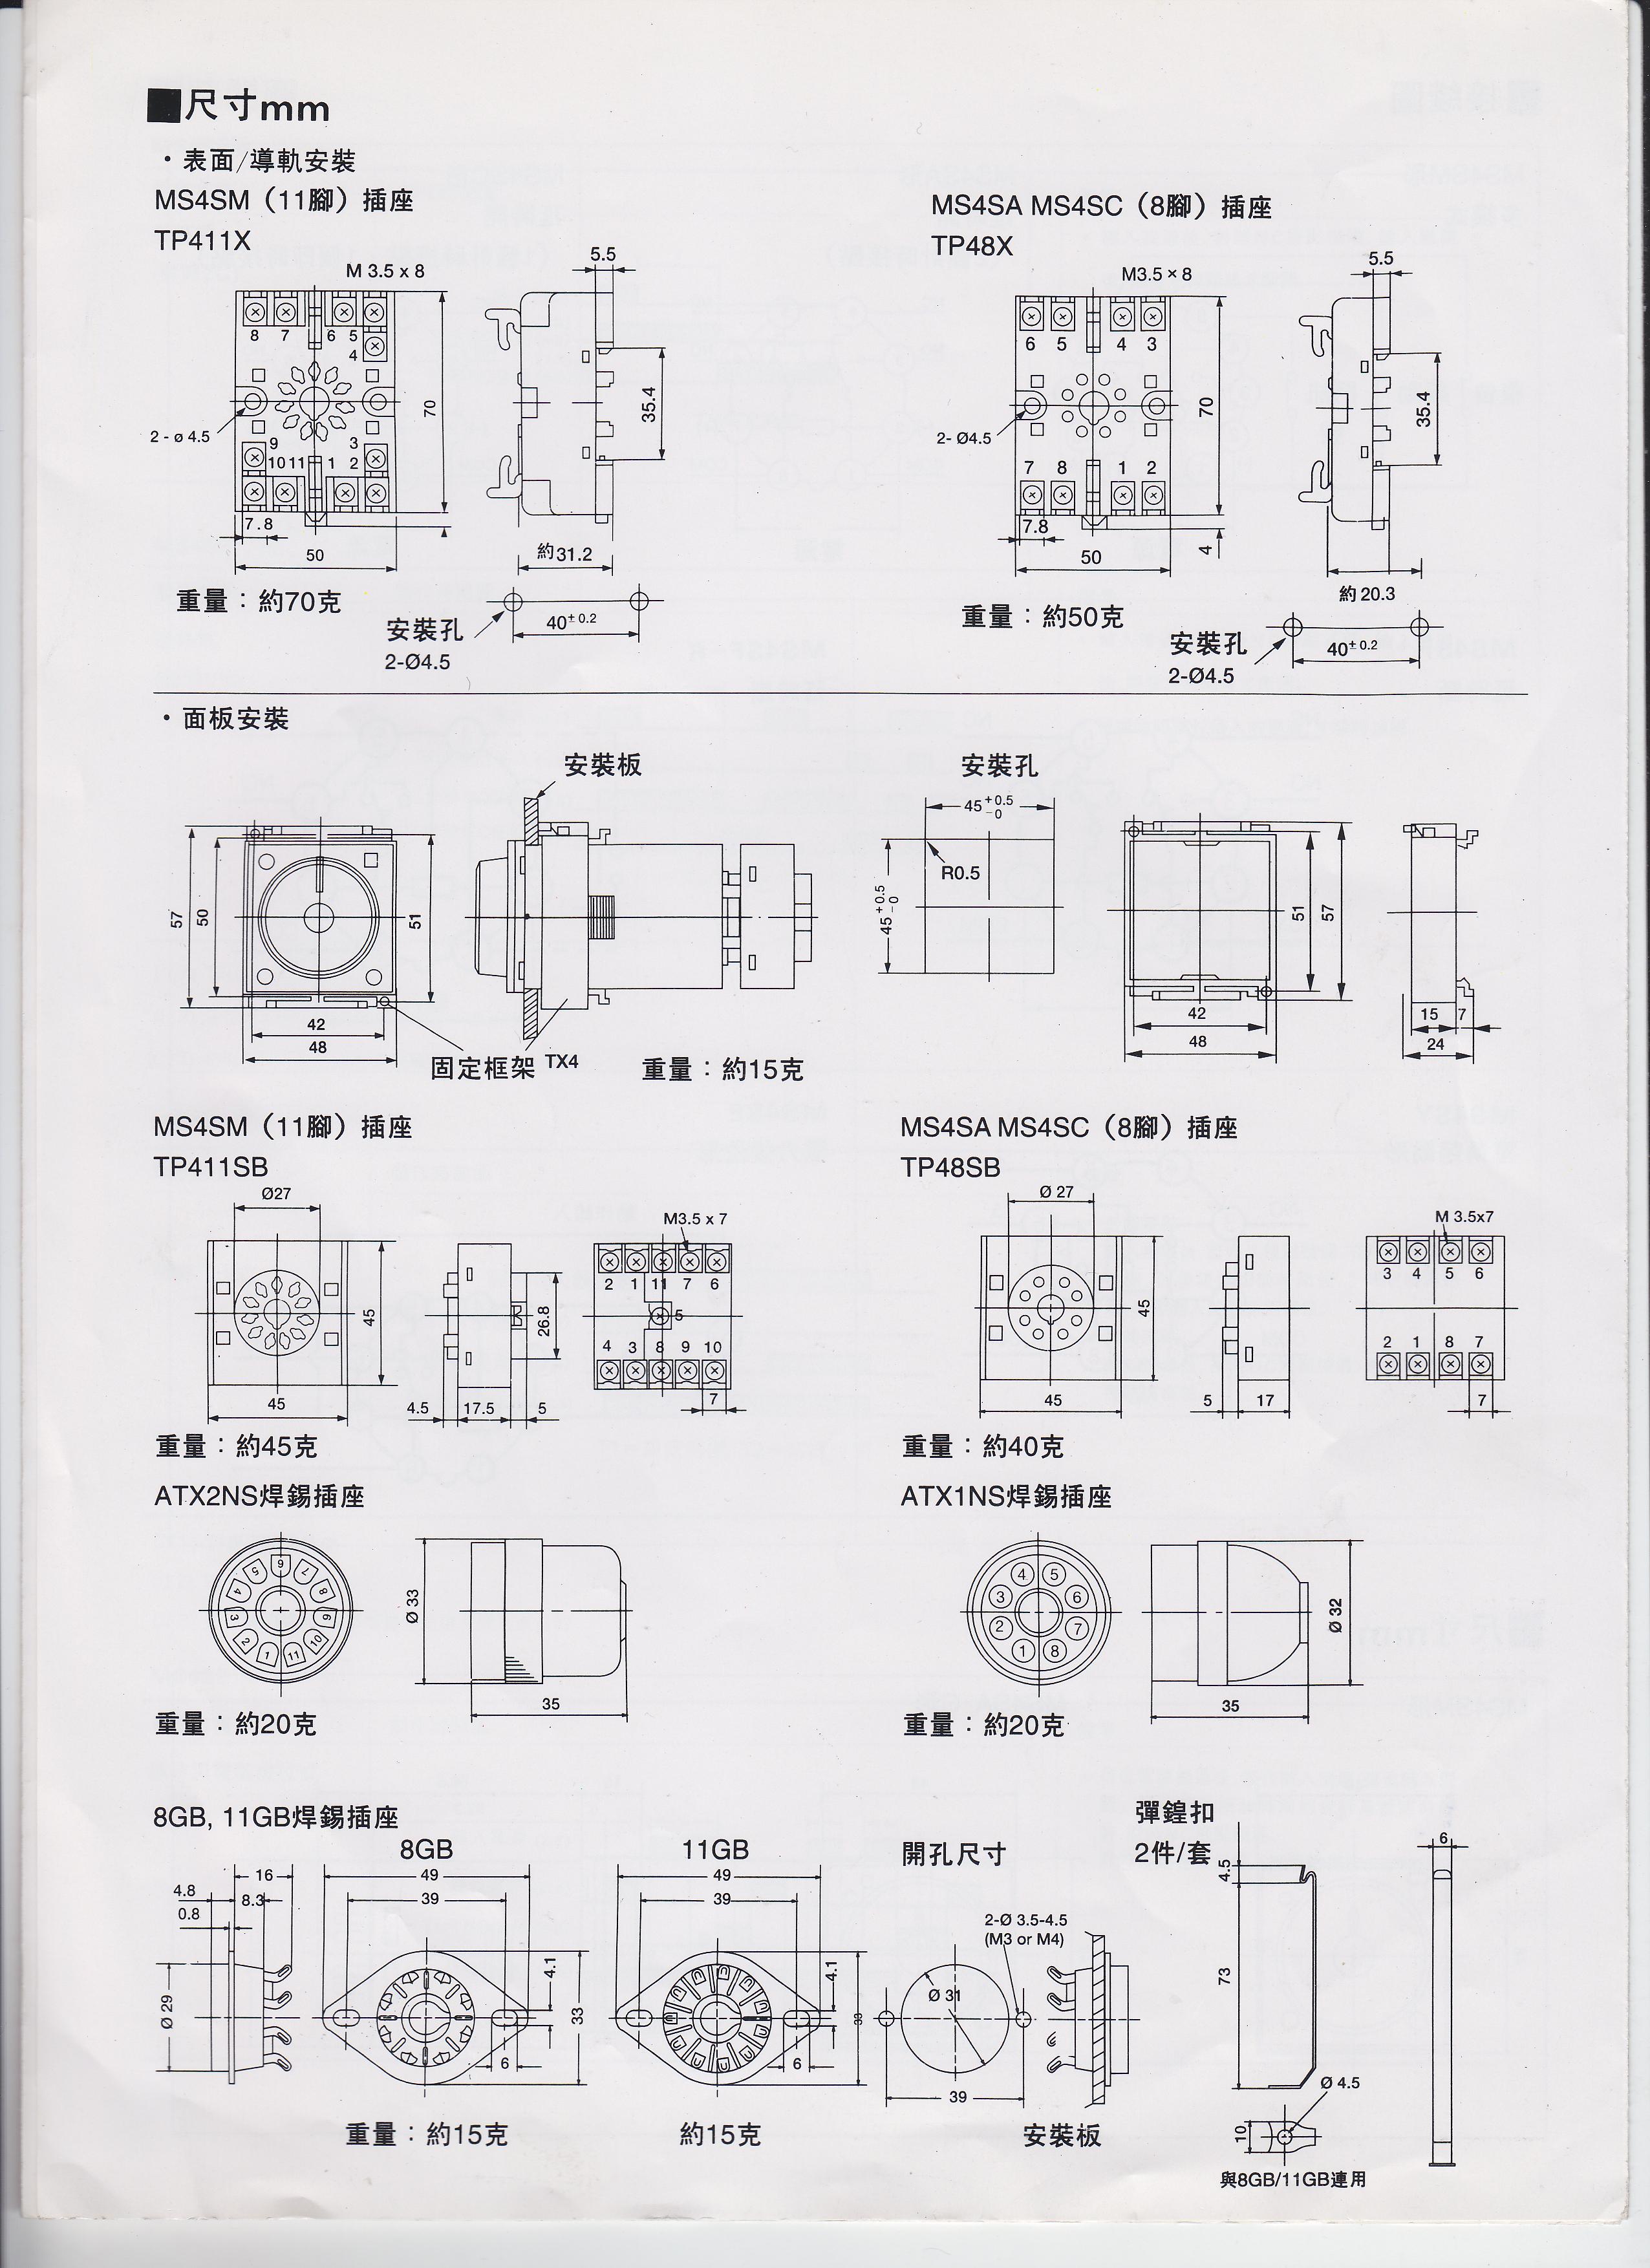 首页 继电器/计时器/计数器 富士继电器 富士时间继电器 富士时间